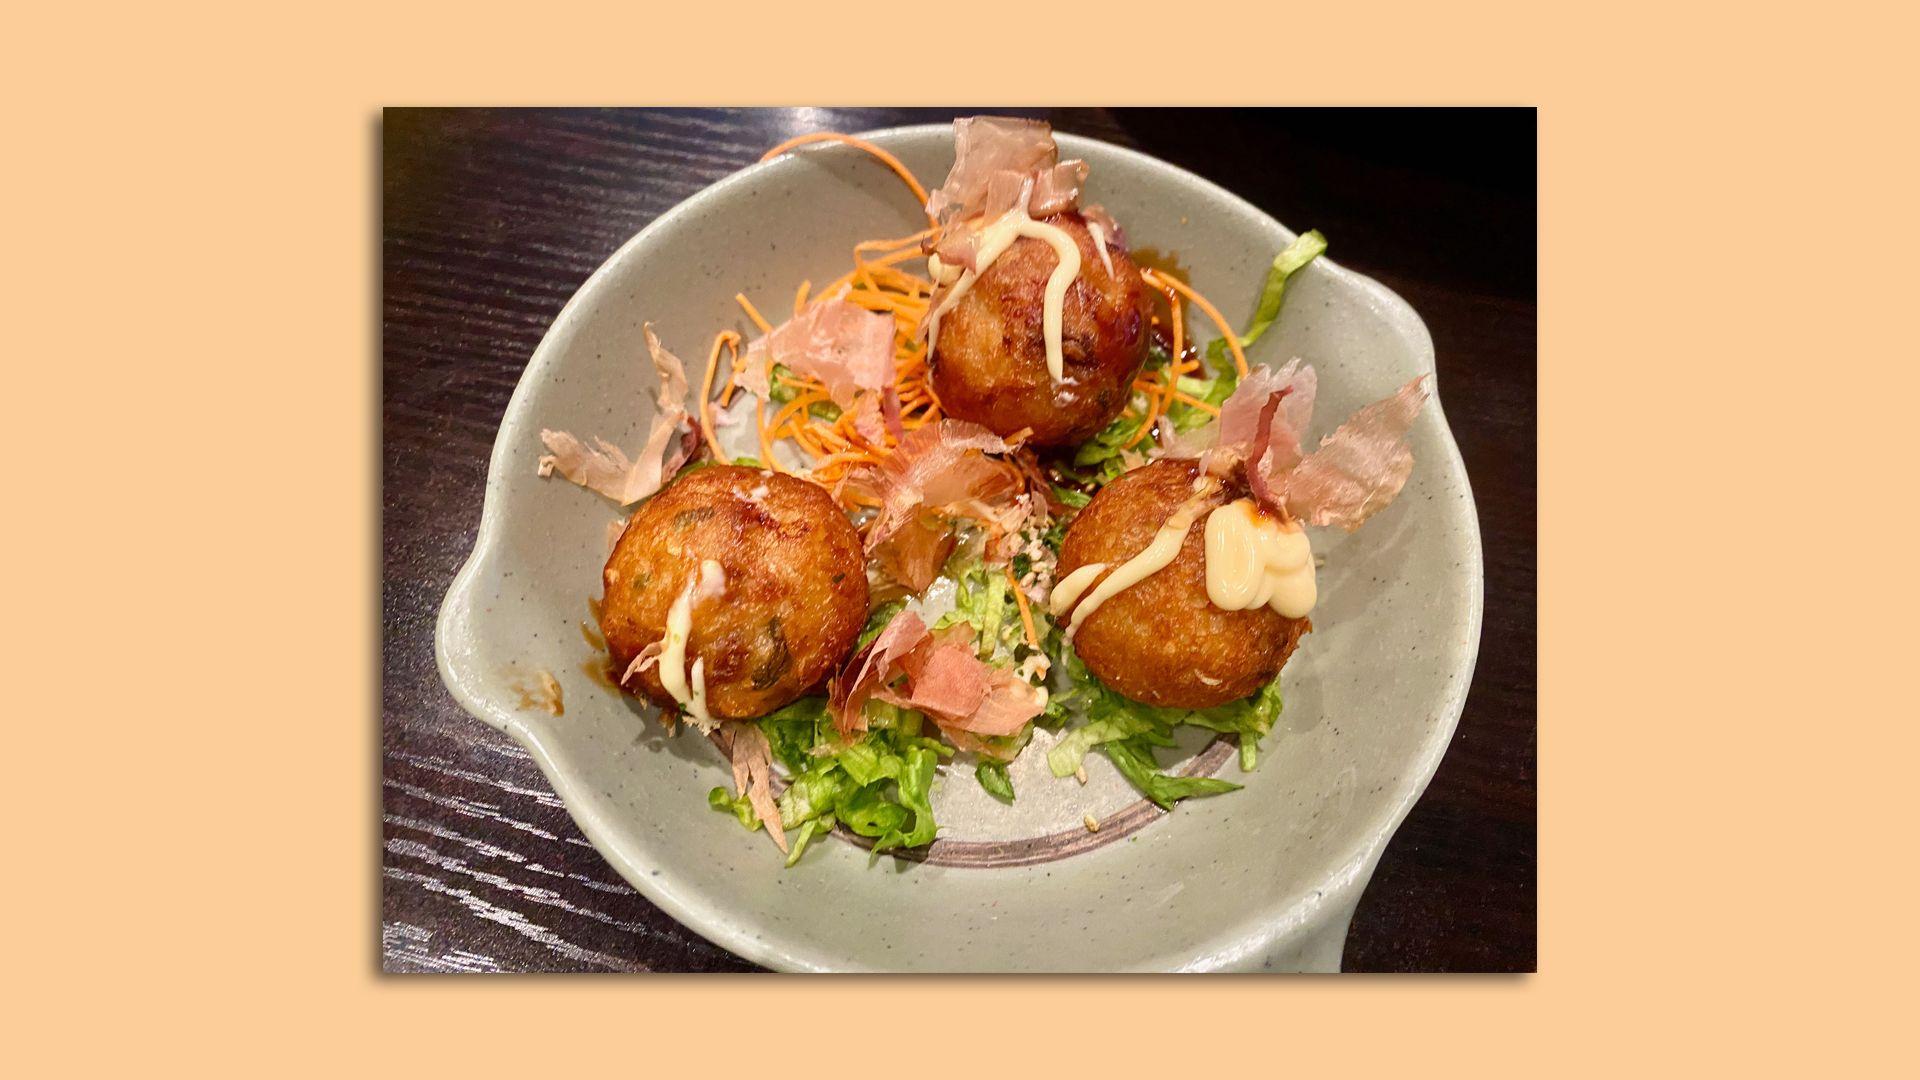 A takoyaki appetizer from Hana Ramen Sushi.